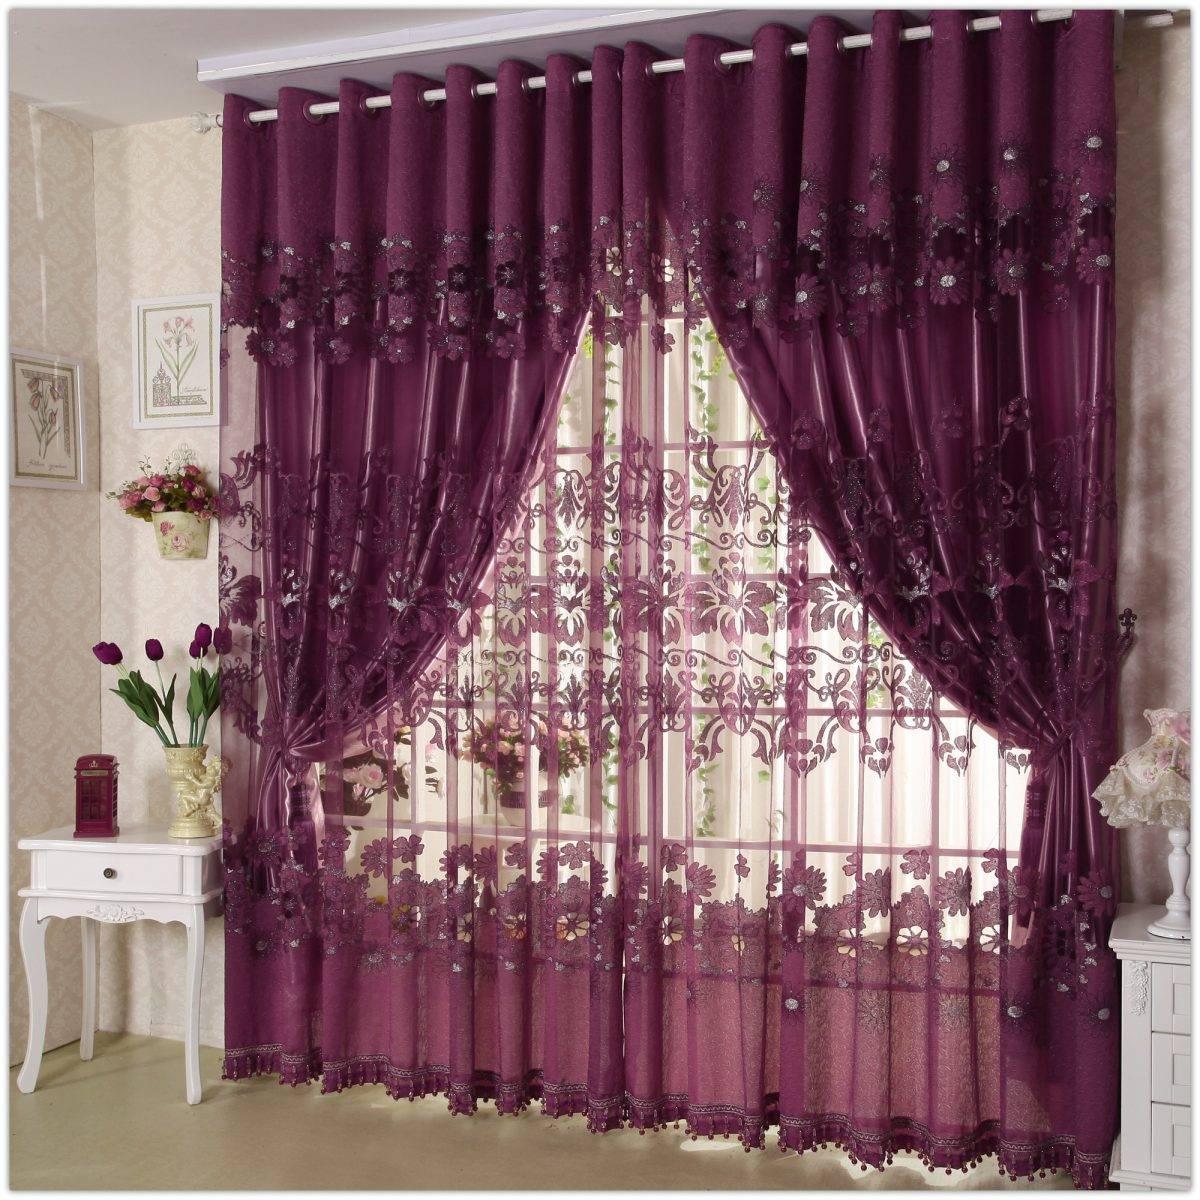 Бандо для штор (жесткий ламбрекен): дизайн, виды материалов, цвет, как крепить